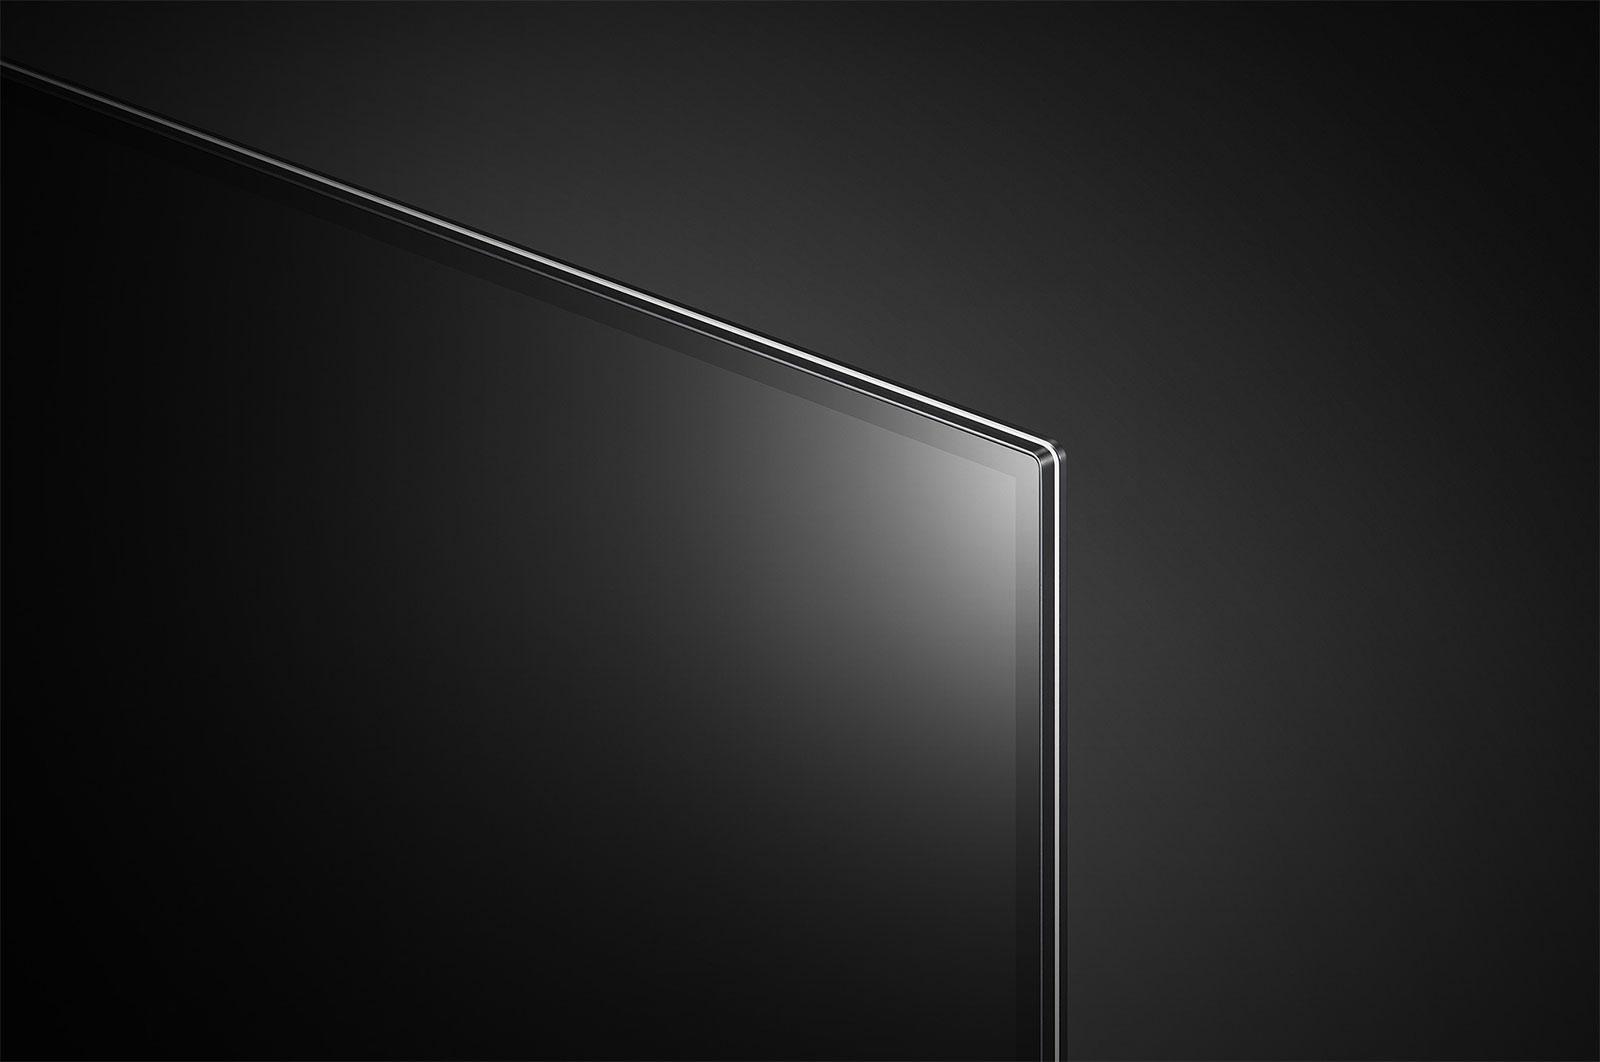 LG OLED TV 65 inch E9 OLED65E9PVA 2